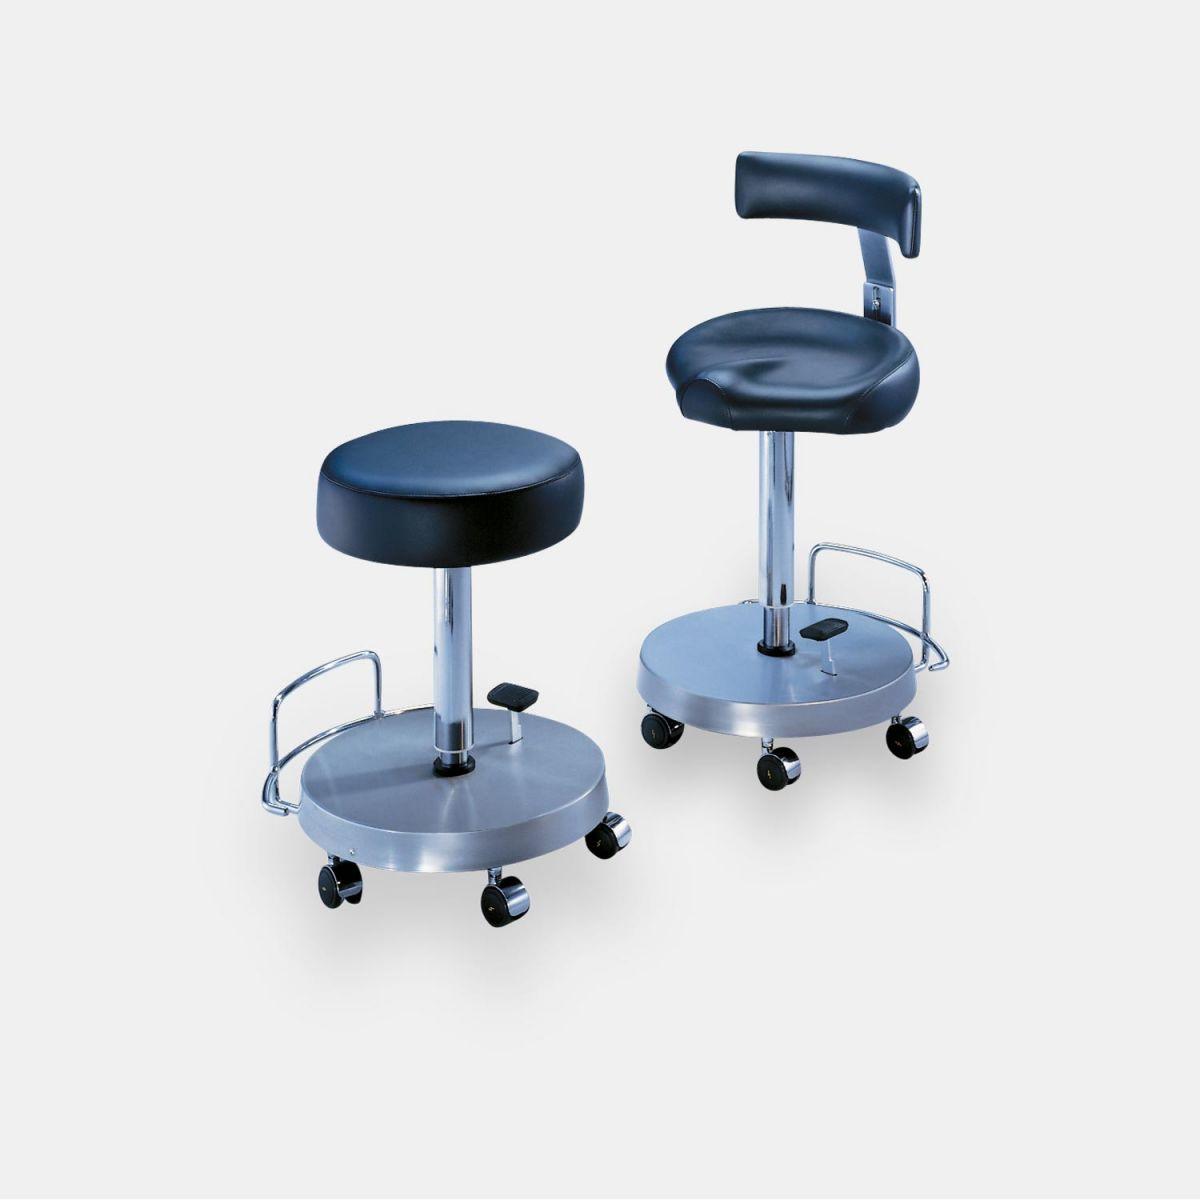 Ghế xoay OR và ghế đẩu OR